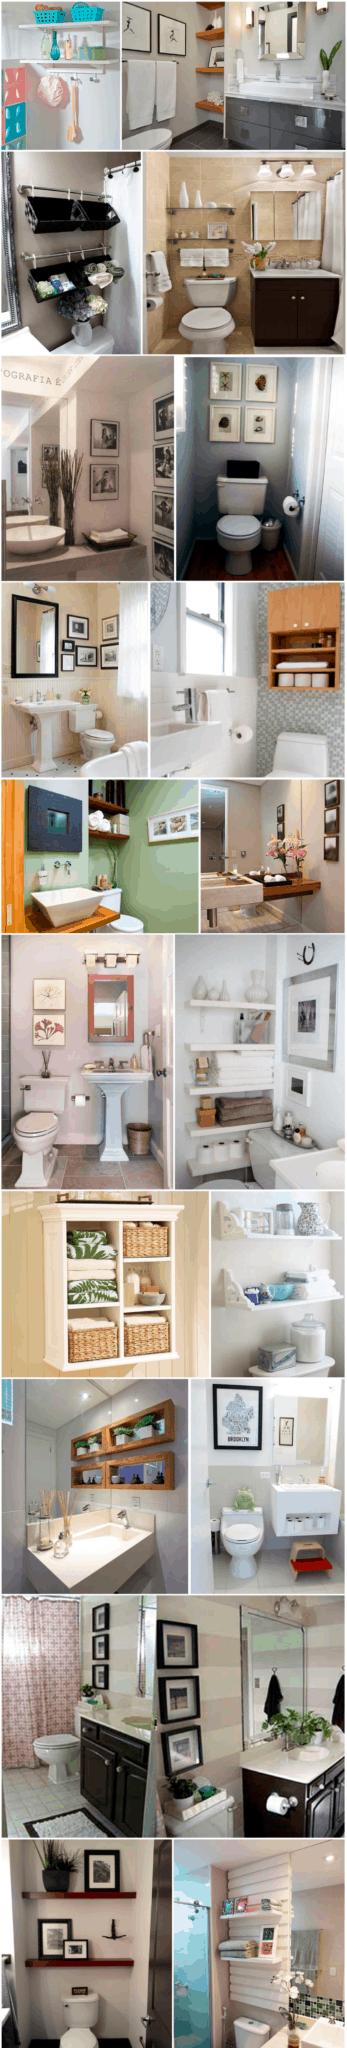 dica-dar-vida-nova-banheiro-prateleira